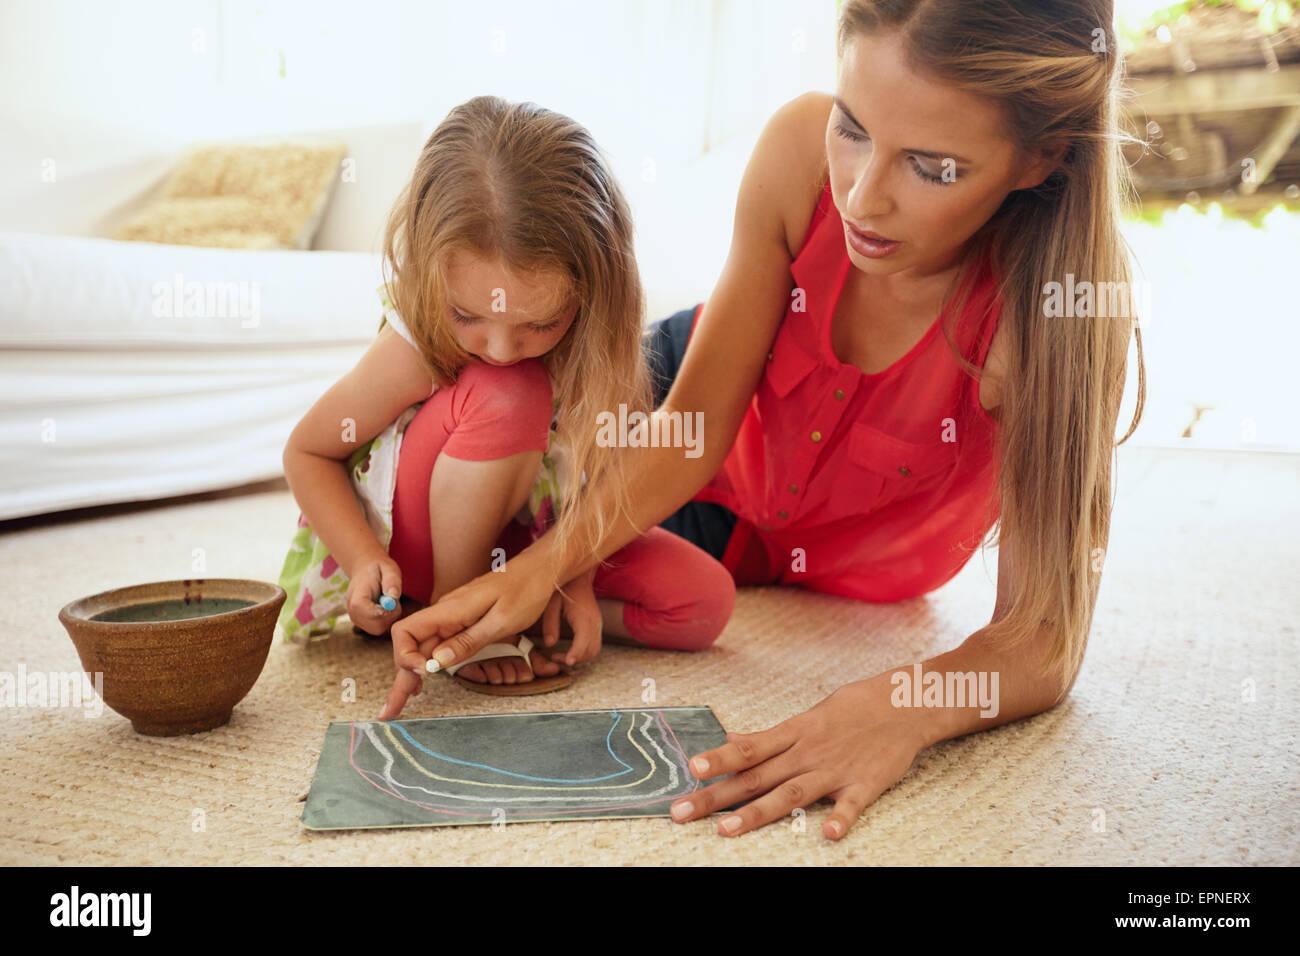 Retrato de madre e hija juntas dibujando con tizas de color, ambos sentados en el piso en la sala a hom Imagen De Stock